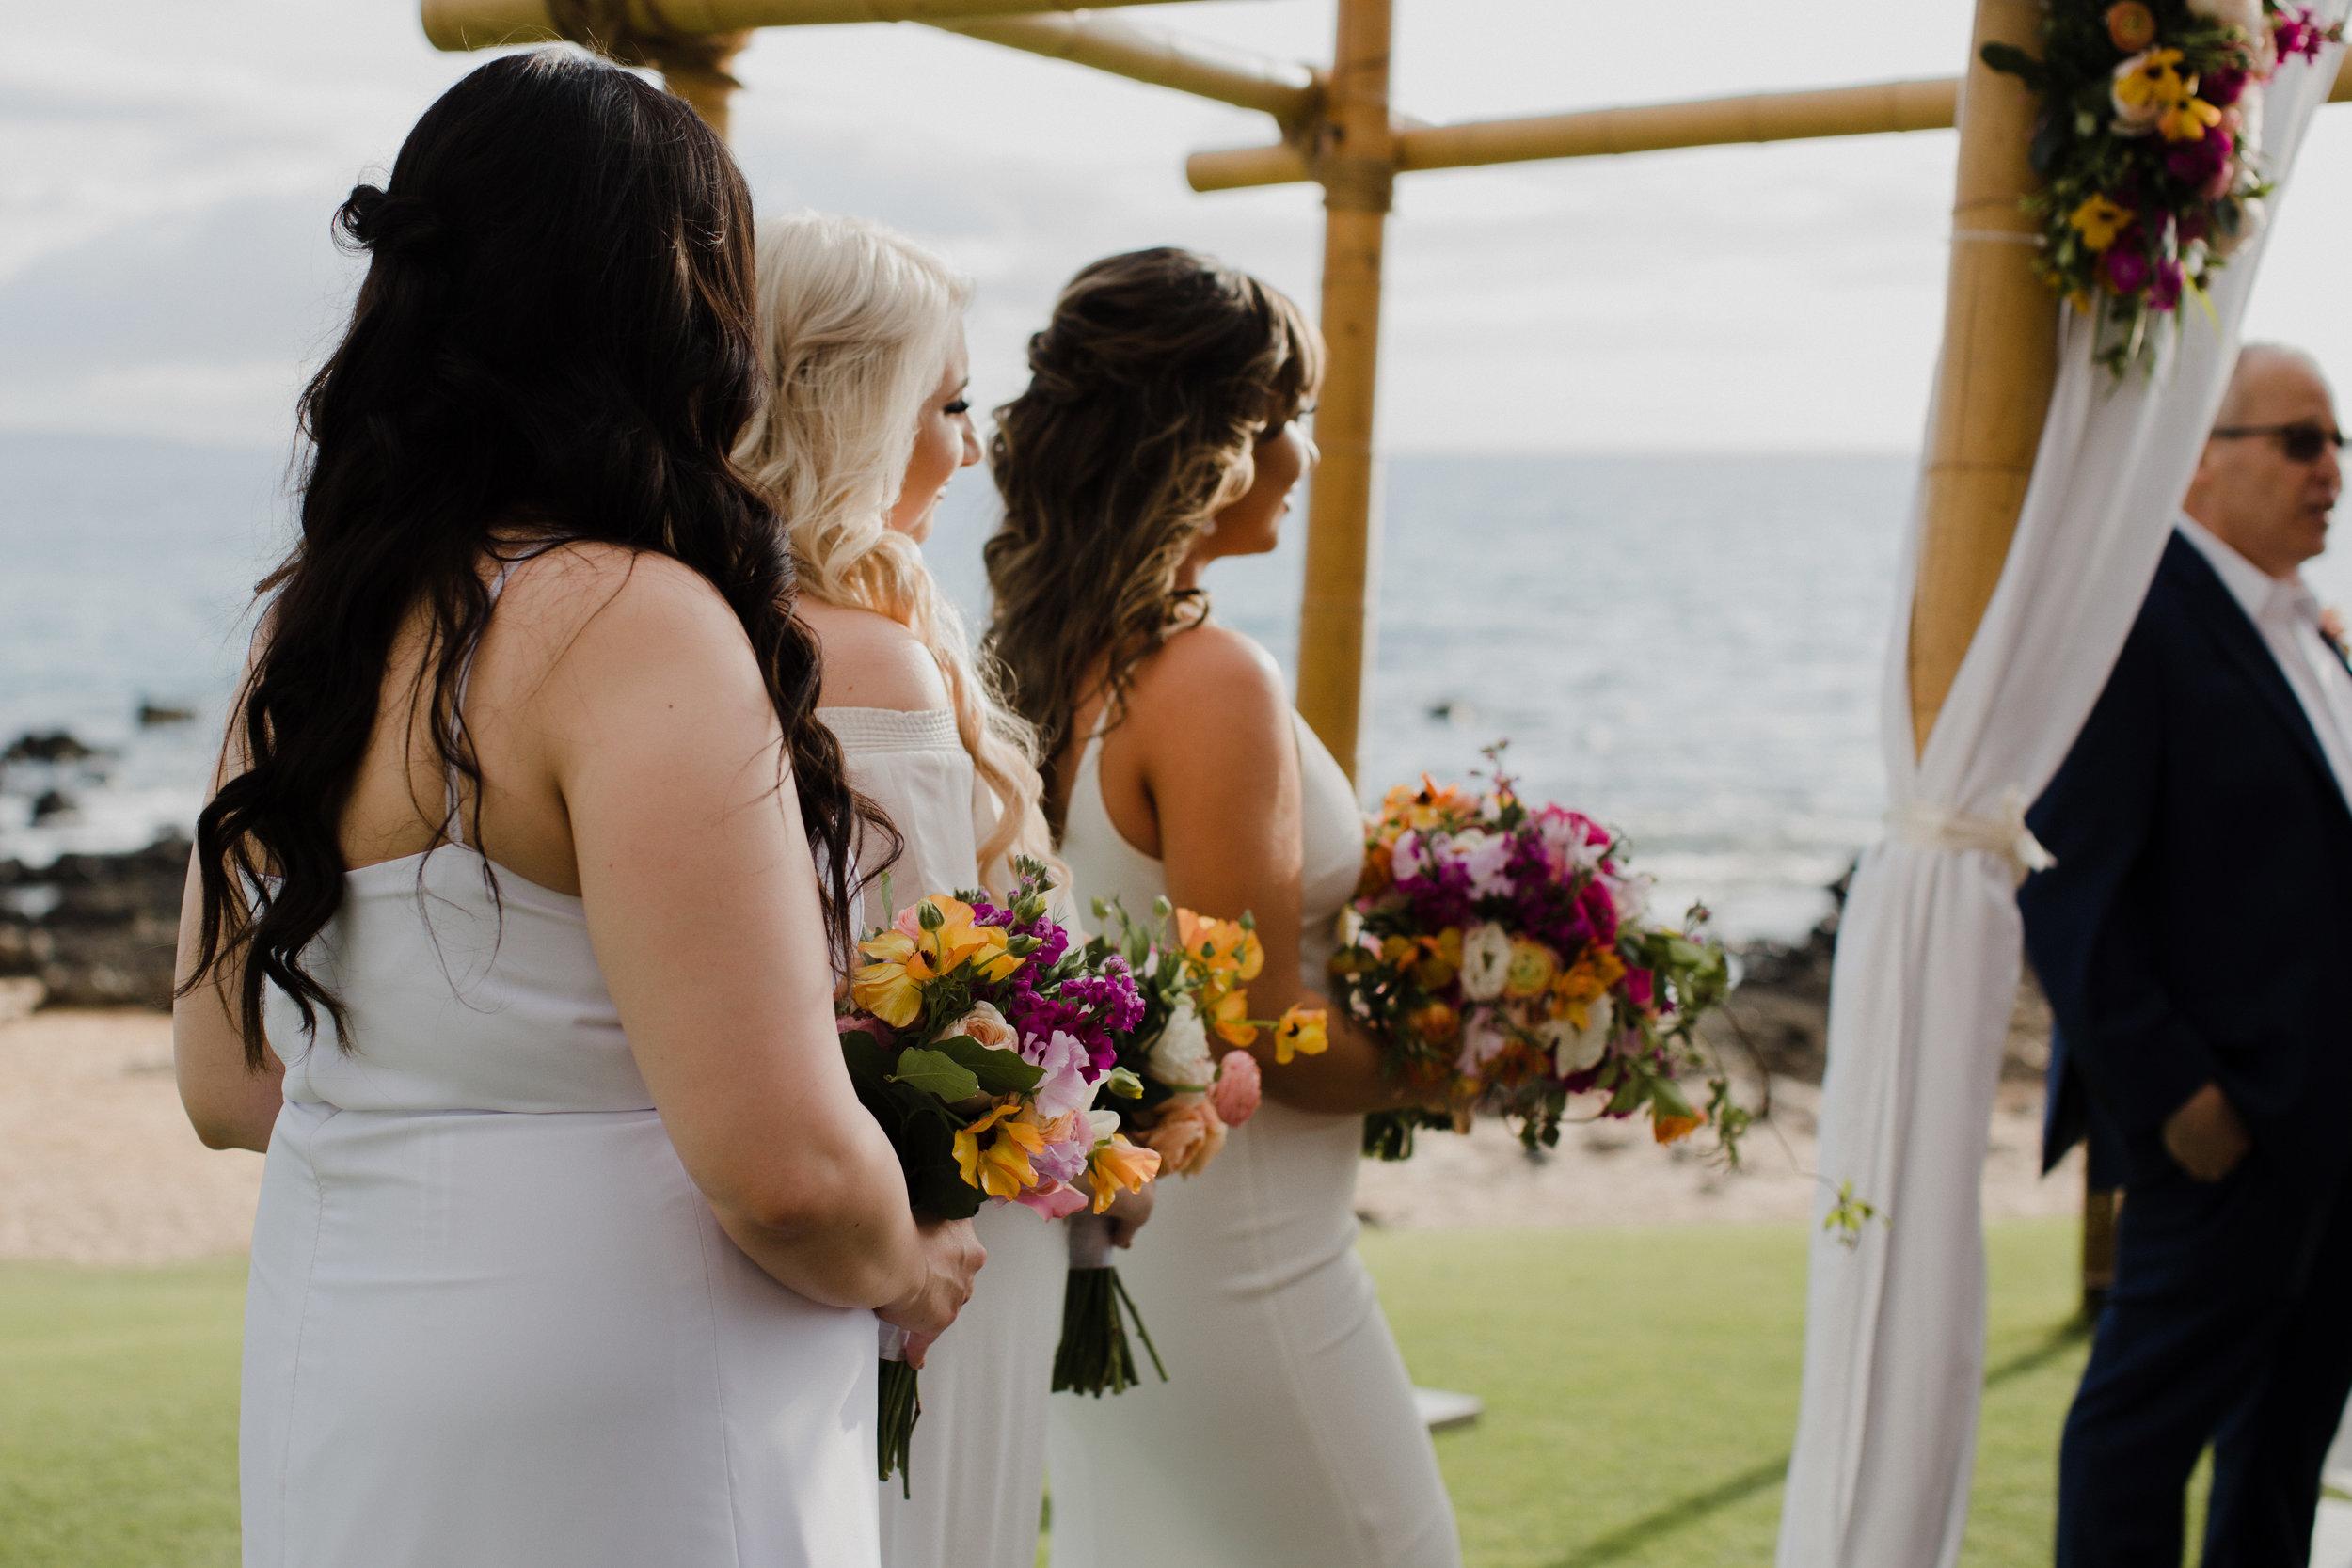 Stephanie-Betsill-Photography-Maui-Photographer-Hawaii-Wedding-Photographer-0683.jpg